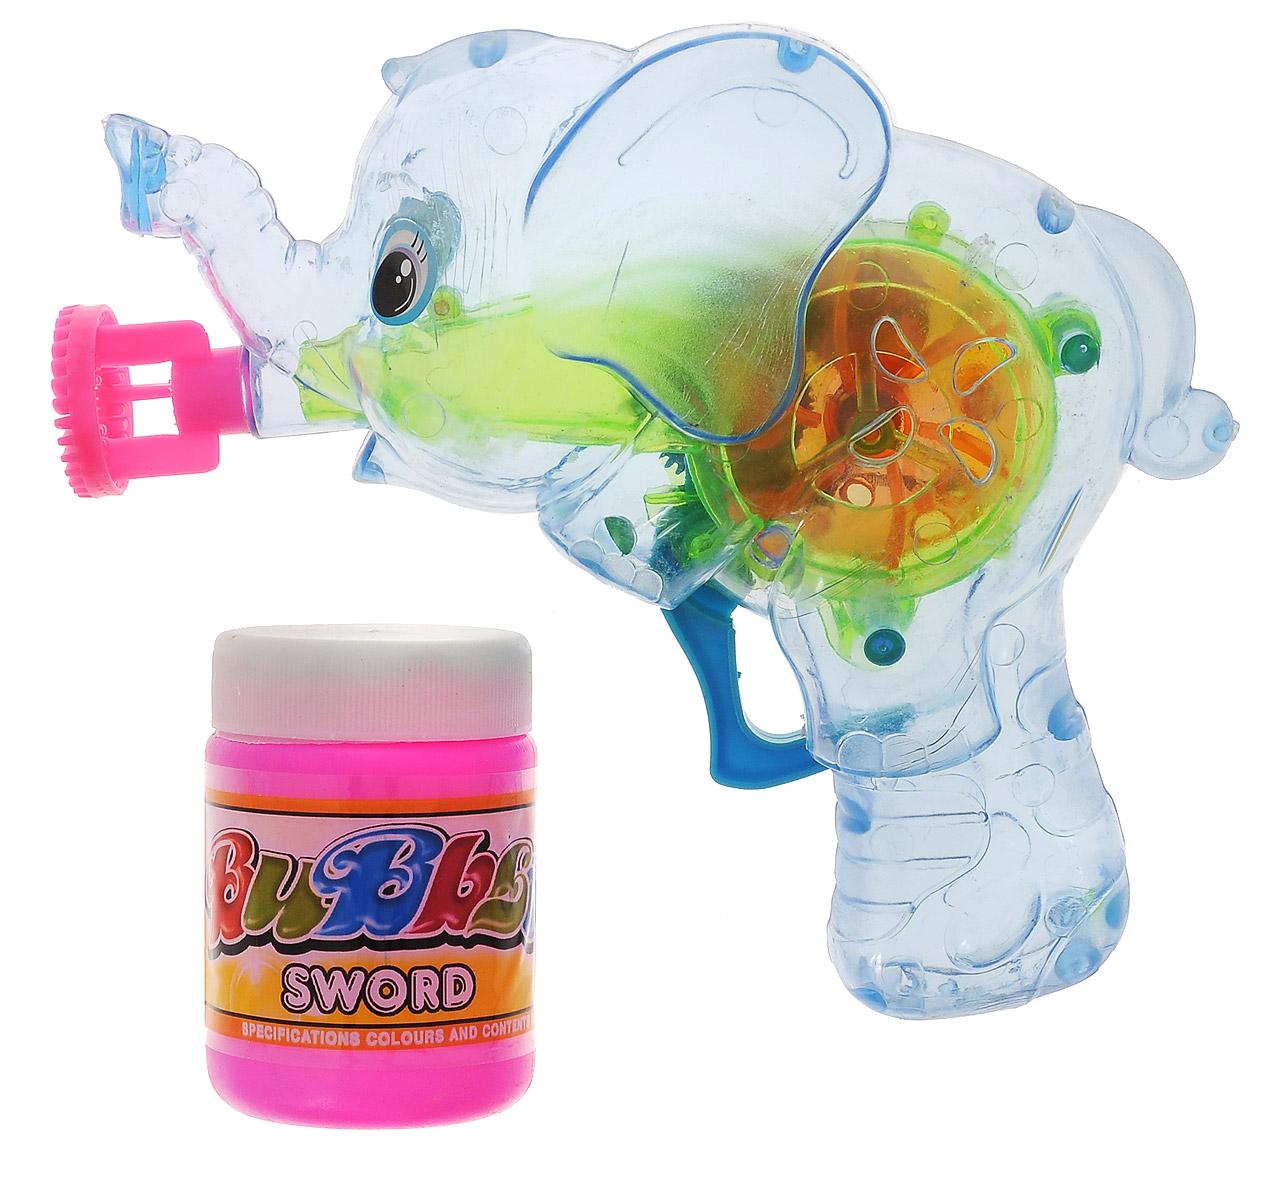 """Выдувание мыльных пузырей - это веселое развлечение для детей и взрослых. А с игрушкой Веселая затея """"Слоник"""" вас ждет просто гигантская очередь мыльных пузырей! Для этого налейте мыльный раствор в емкость, опустите в нее носик игрушки, поднимите в воздух и нажмите на курок. Вы увидите невероятное количество пузырей. Светящийся диск внутри! Игрушка работает с помощью инерционного механизма - батарейки не требуются. Устройте малышу настоящее мыльное шоу! В комплекте для выдувания мыльных пузырей: пластиковый пистолет, пузырек с мыльной жидкостью."""